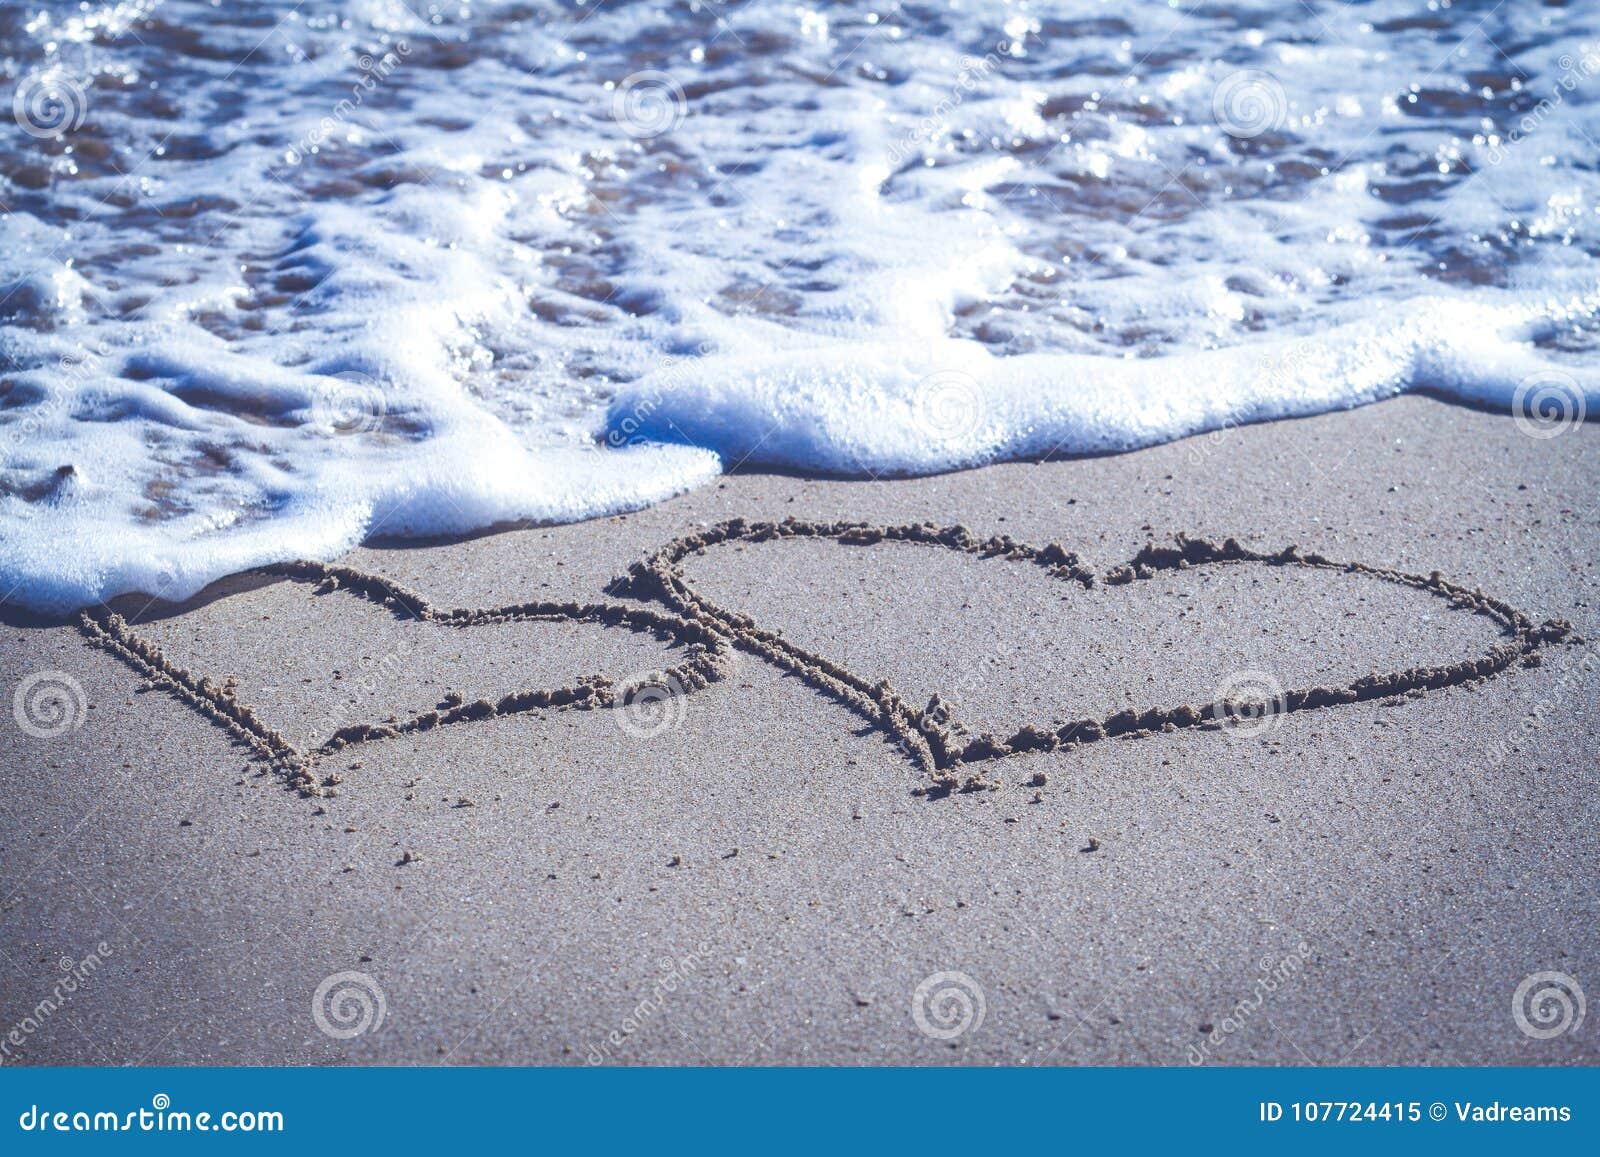 Zwei Herzen gezeichnet auf den Sand des Strandes und der blauen Meereswellen mit Schaum